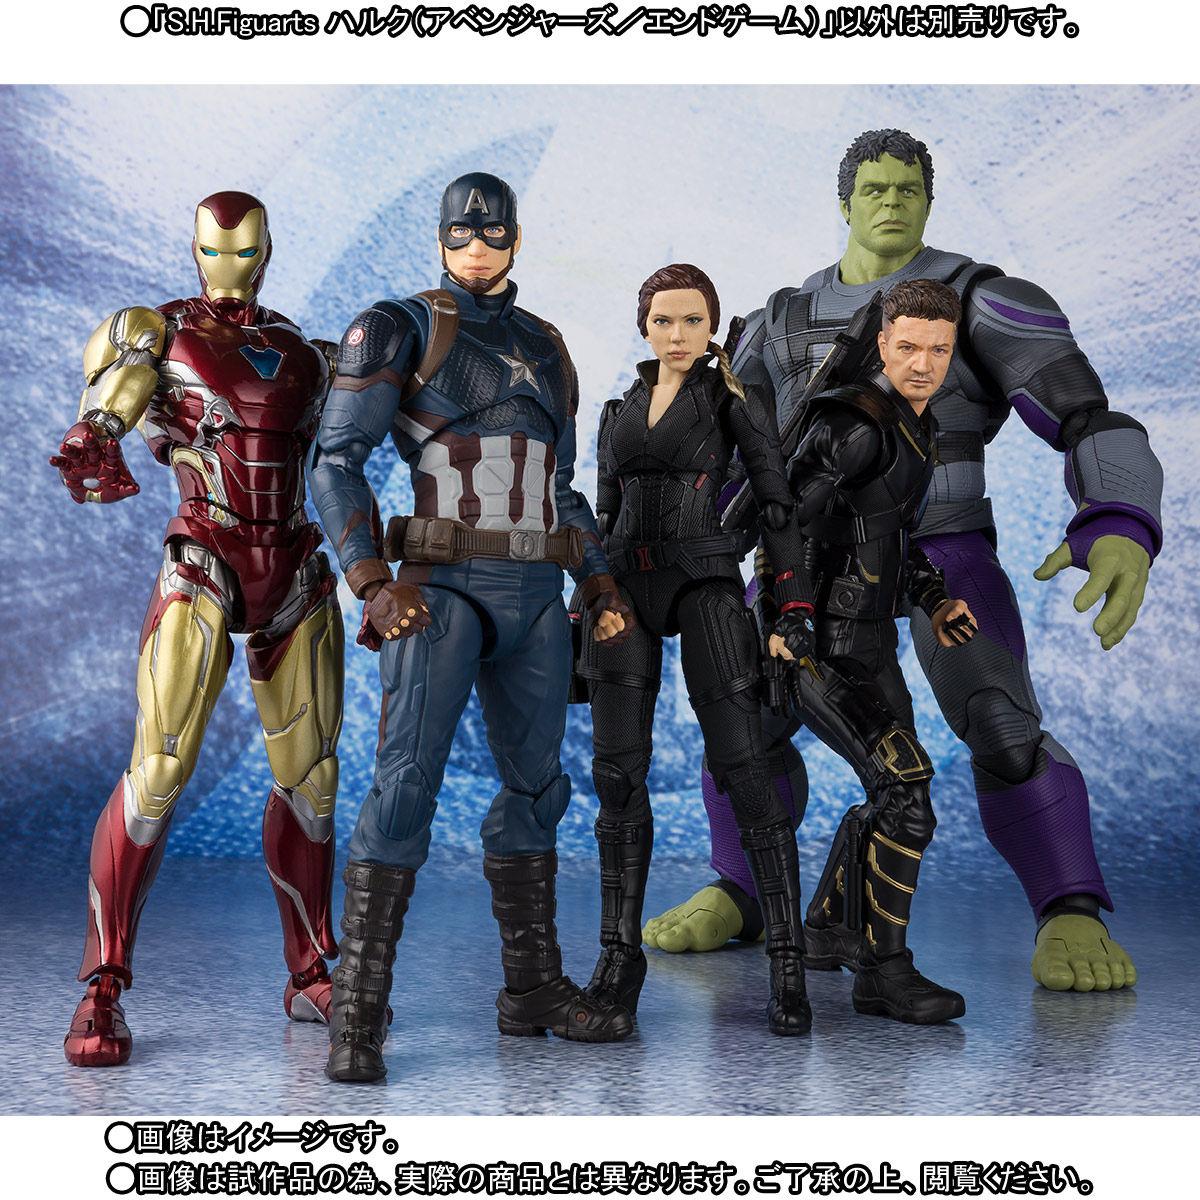 [Comentários] Marvel S.H.Figuarts - Página 5 0gKf9SRV_o